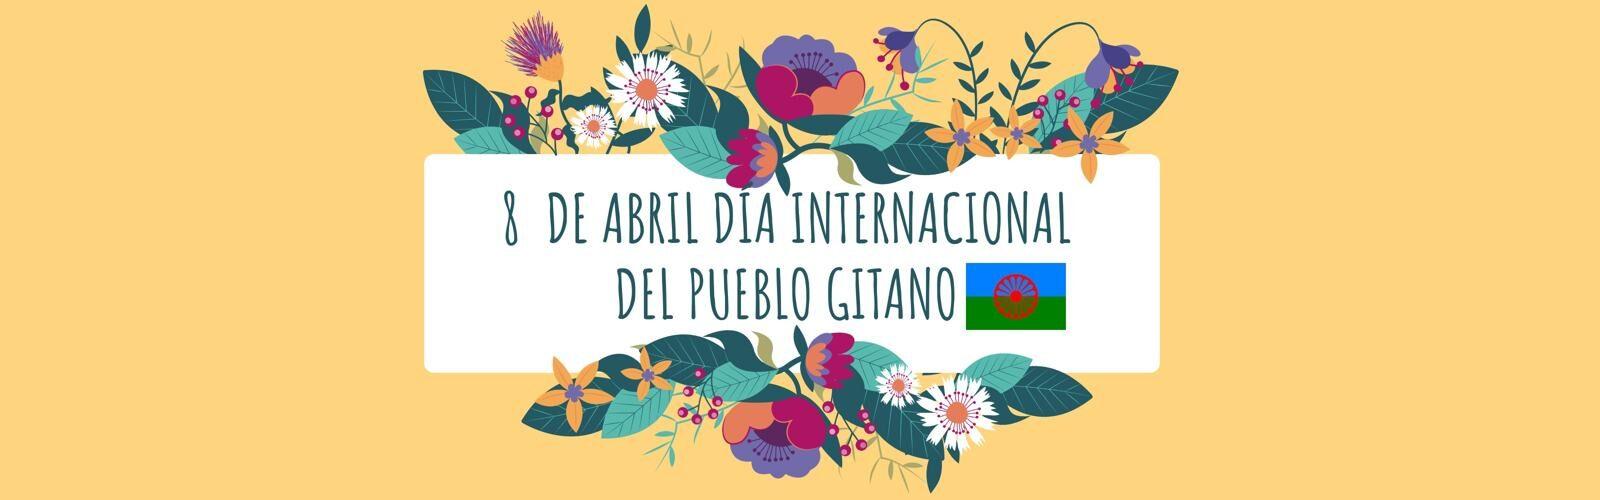 Ep. #4: 8 de abril, día Internacional del pueblo gitano